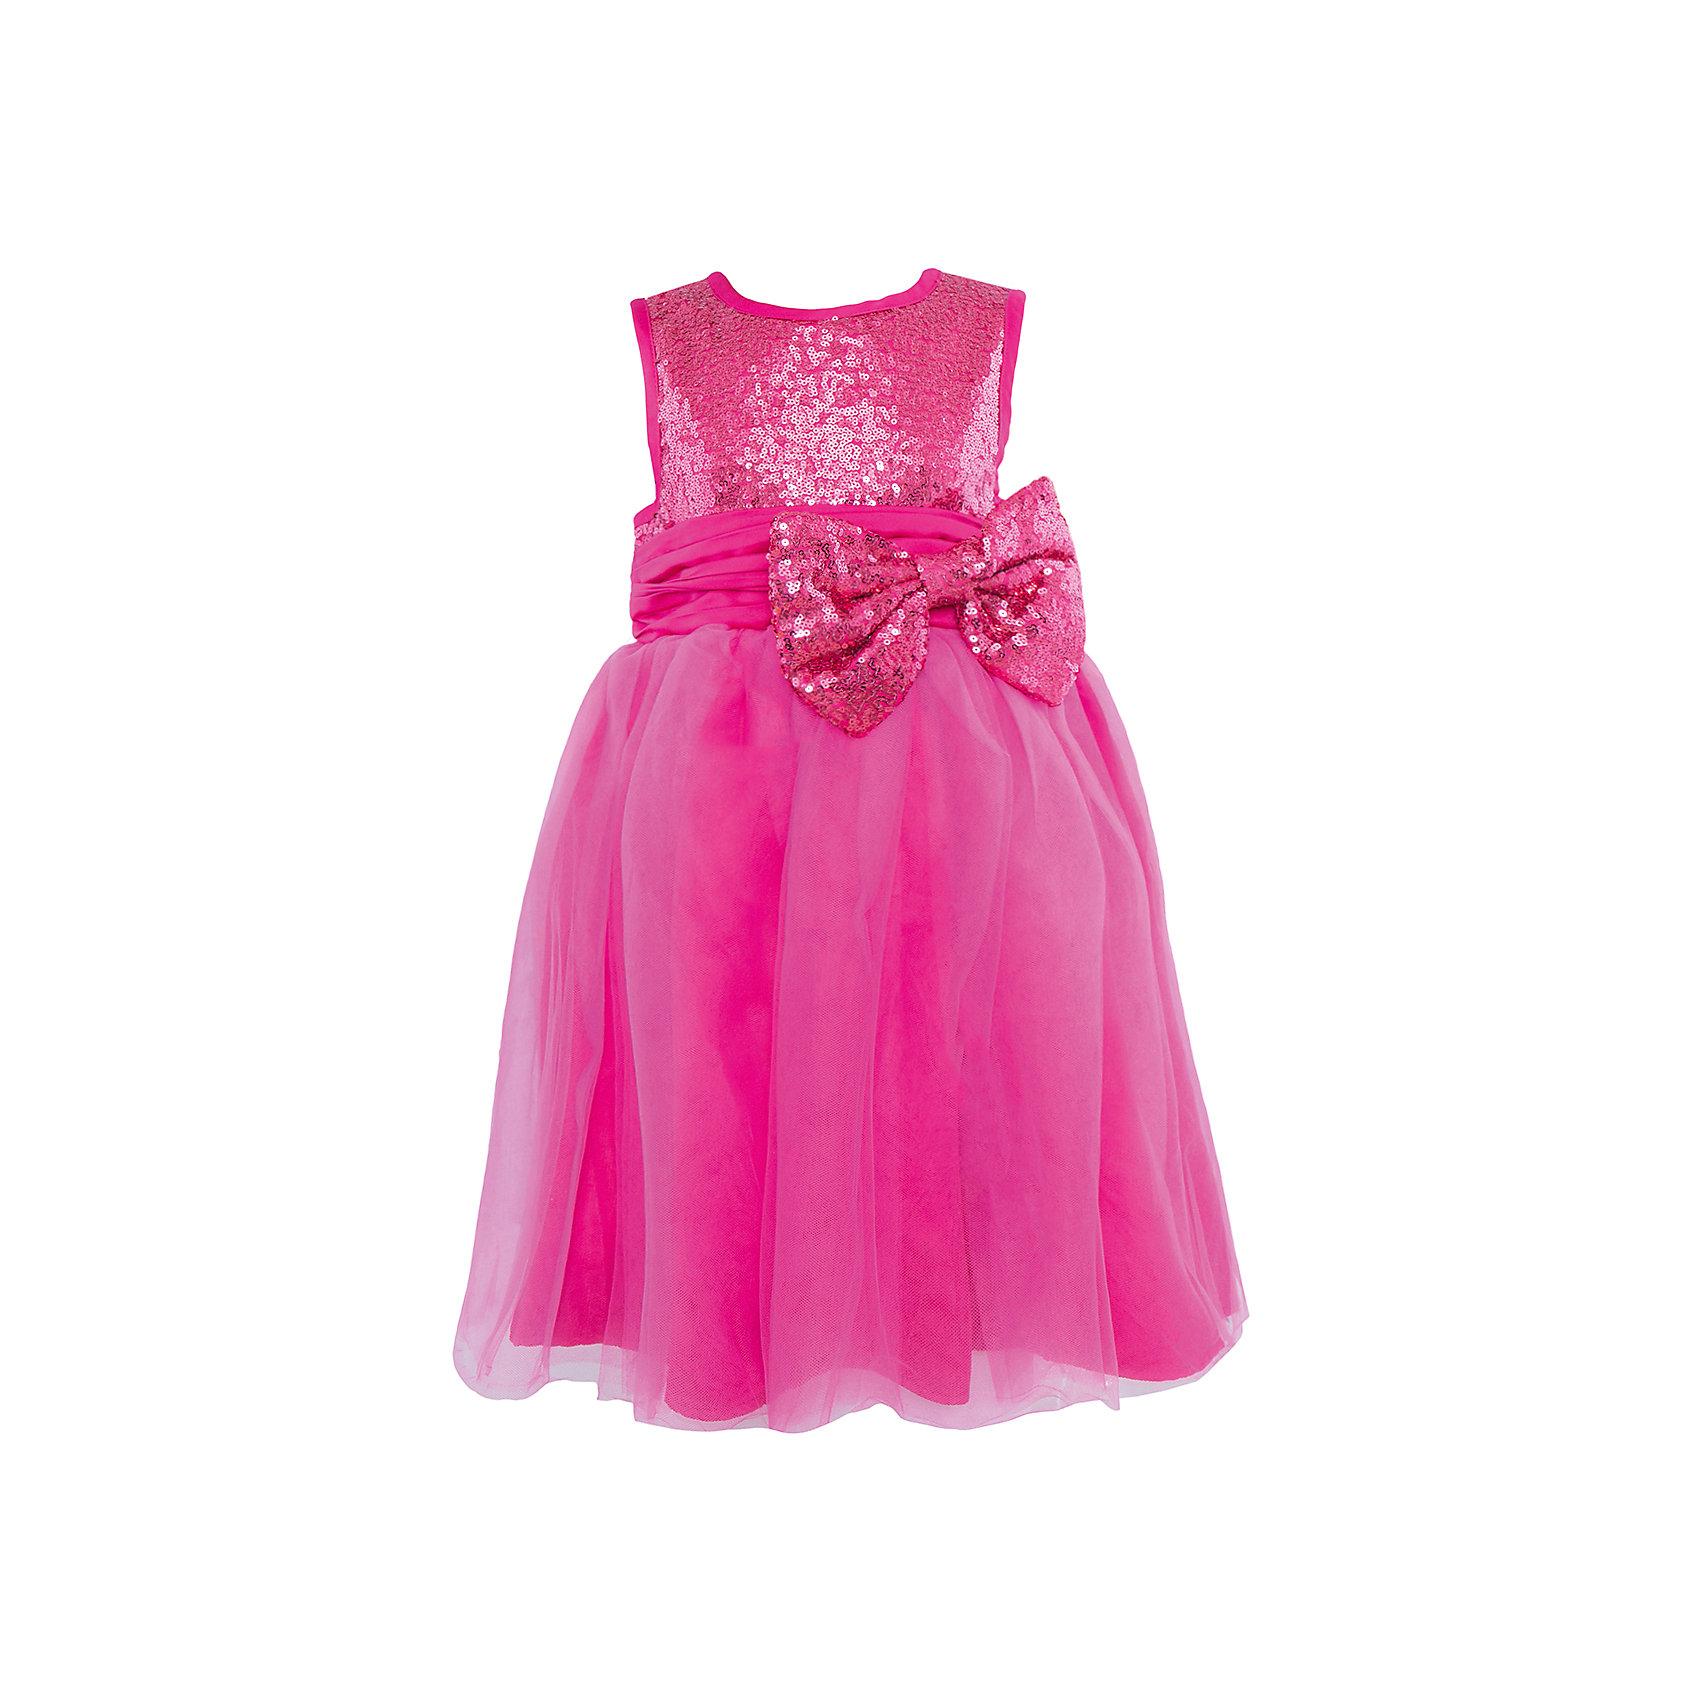 Нарядное платье Sweet BerryКрасивое нарядное платье из комбинированной ткани. Верх платья и декоративный бант на поясе выполнены из полотна усыпанного пайетками . Нижняя юбка и пояс из атласа. Верхняя юбка из многослойной сетки.<br>Состав:<br>Верх: 100% полиэстер, Подкладка: 100% хлопок<br><br>Ширина мм: 236<br>Глубина мм: 16<br>Высота мм: 184<br>Вес г: 177<br>Цвет: розовый<br>Возраст от месяцев: 36<br>Возраст до месяцев: 48<br>Пол: Женский<br>Возраст: Детский<br>Размер: 104,122,98,110,116,128<br>SKU: 4299515